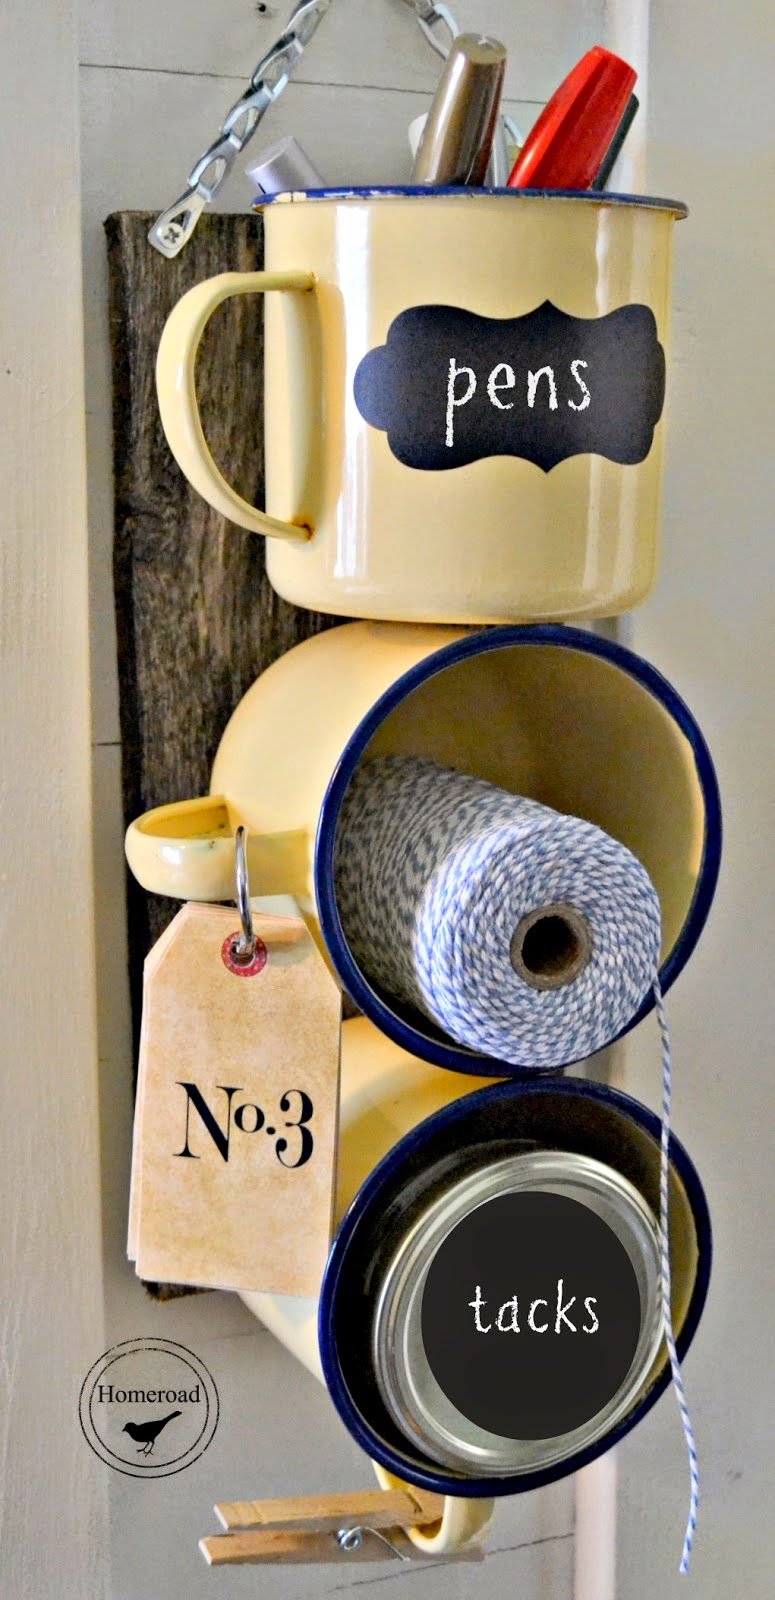 Homeroad Favorite Things www.homeroad.net